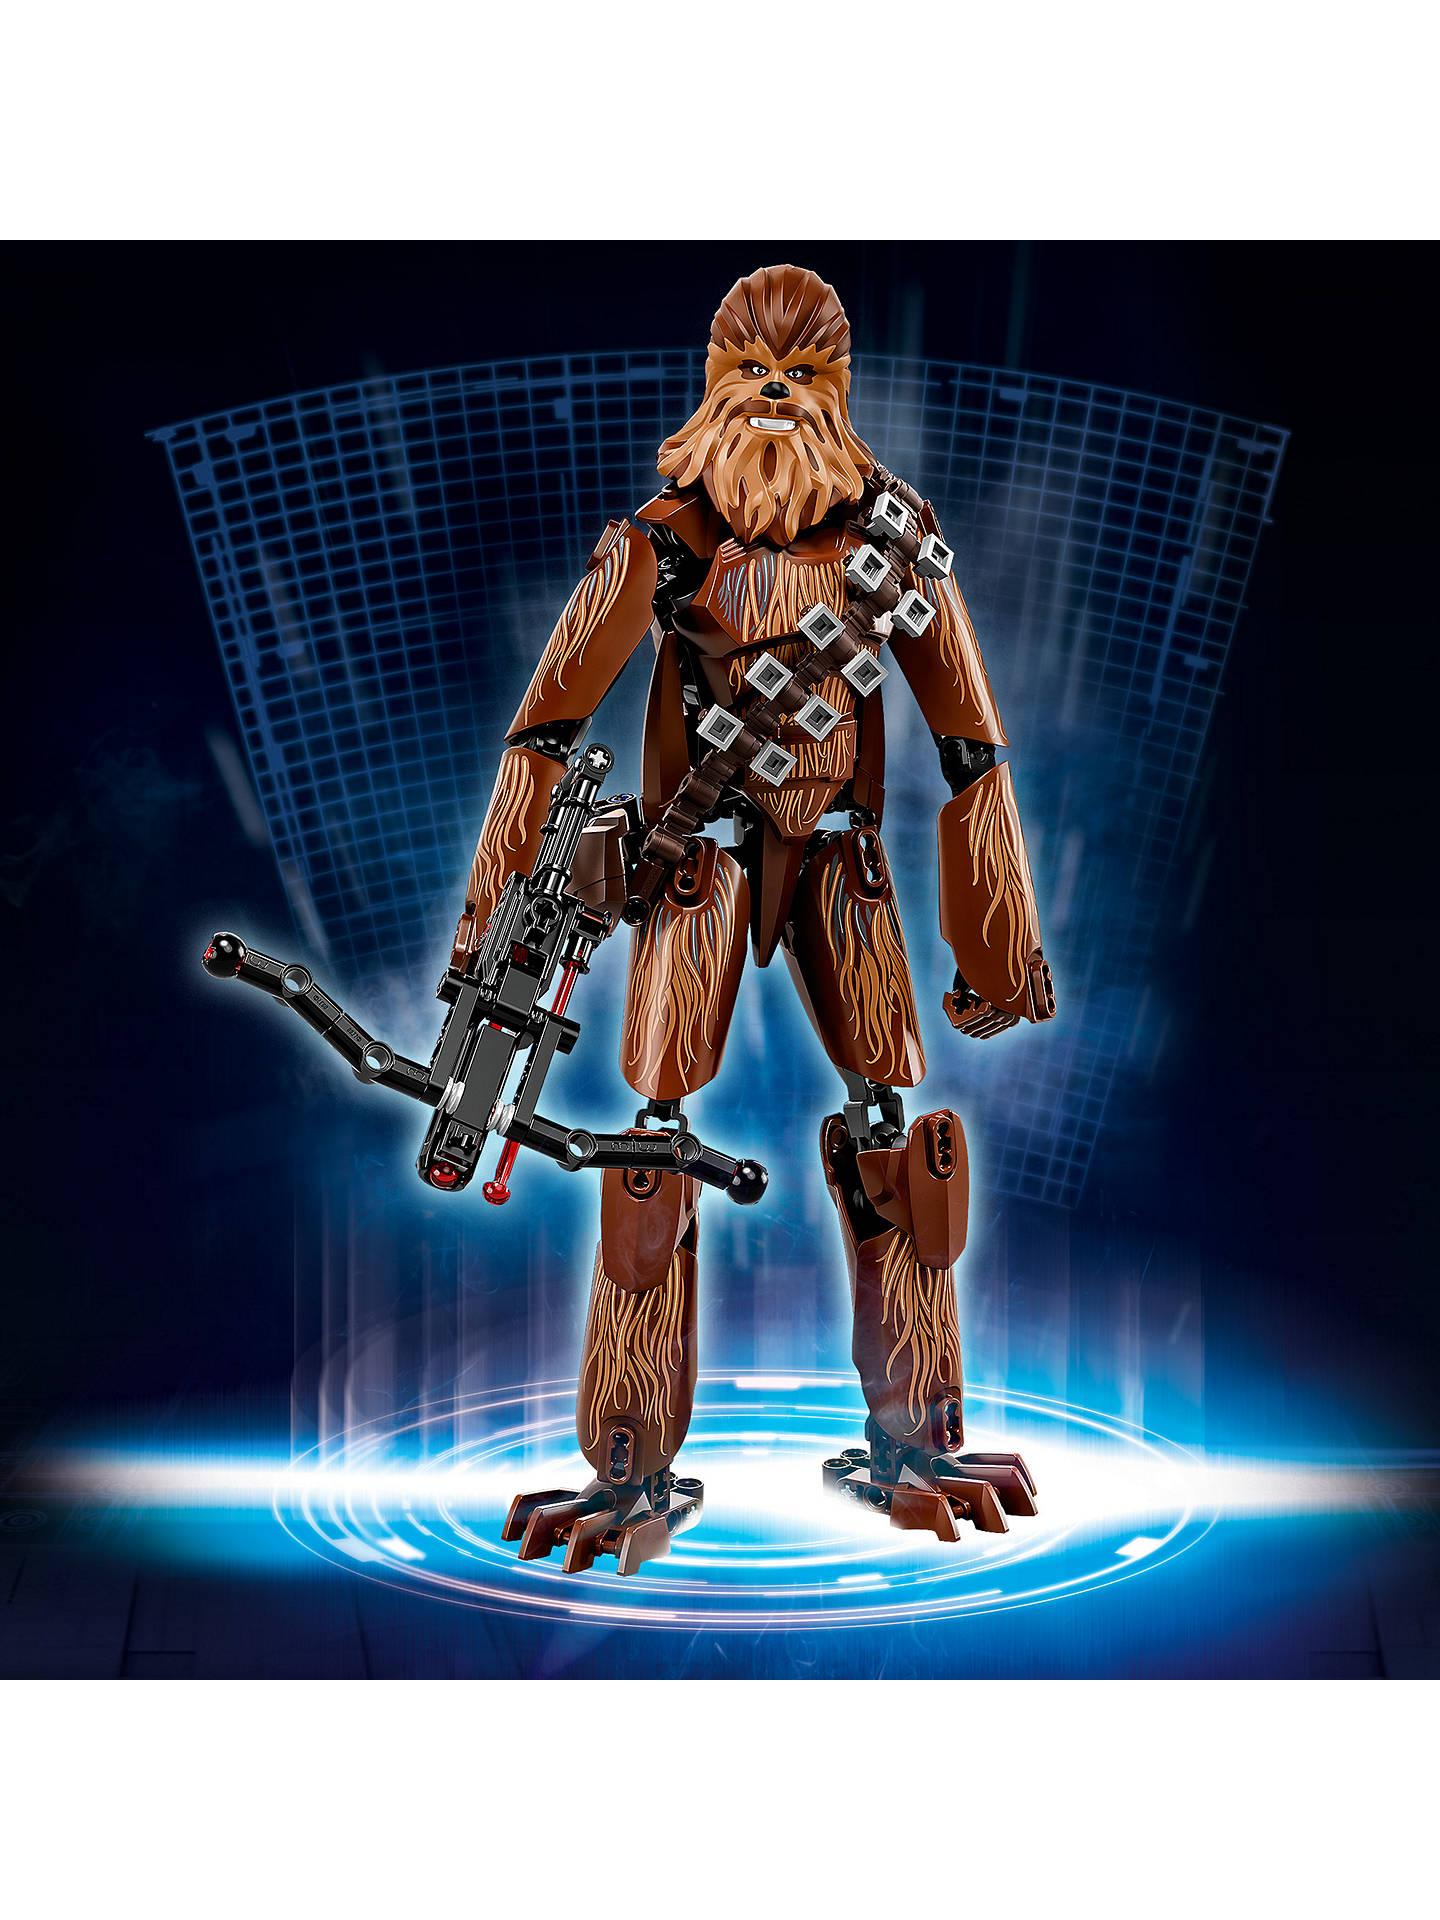 LEGO Star Wars The Last Jedi 75530 Brand New Chewbacca